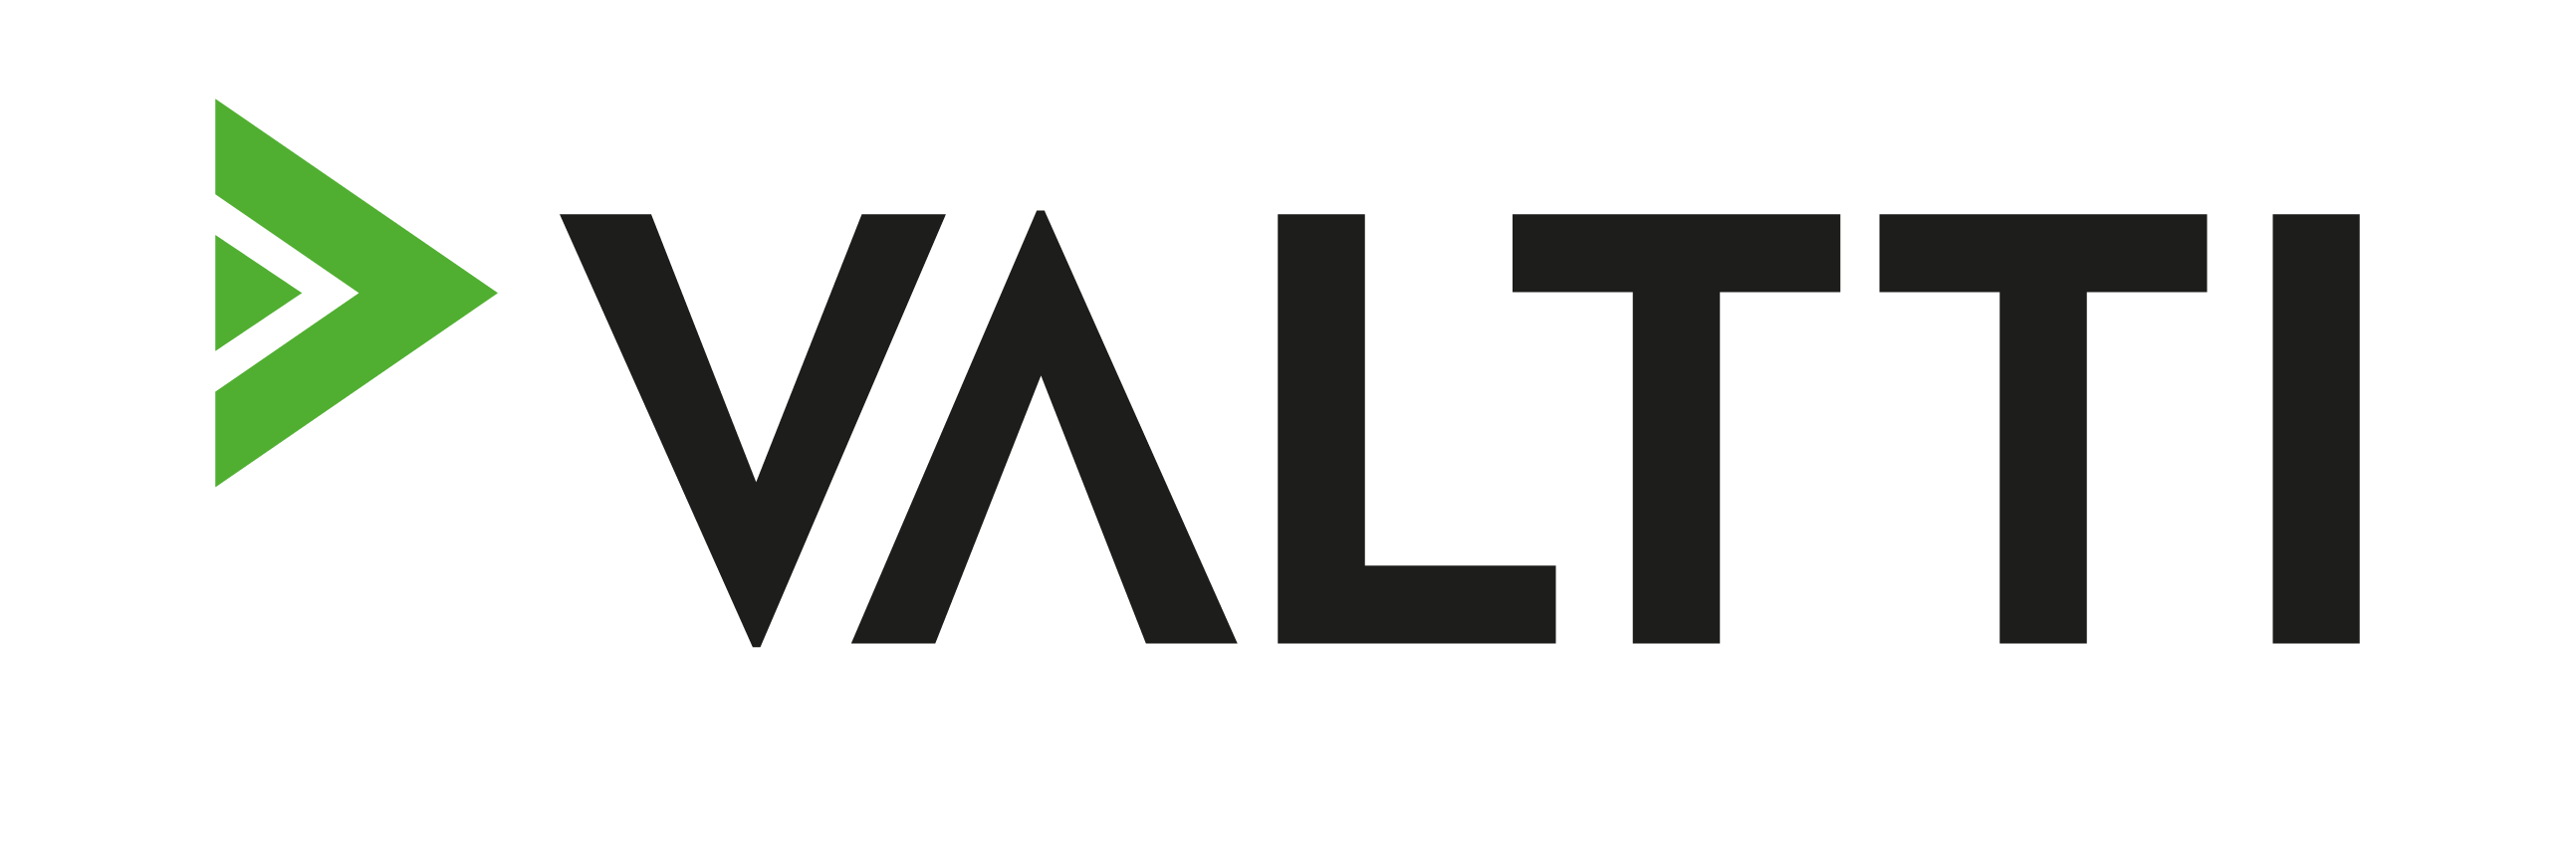 Valo Parnter Valtti